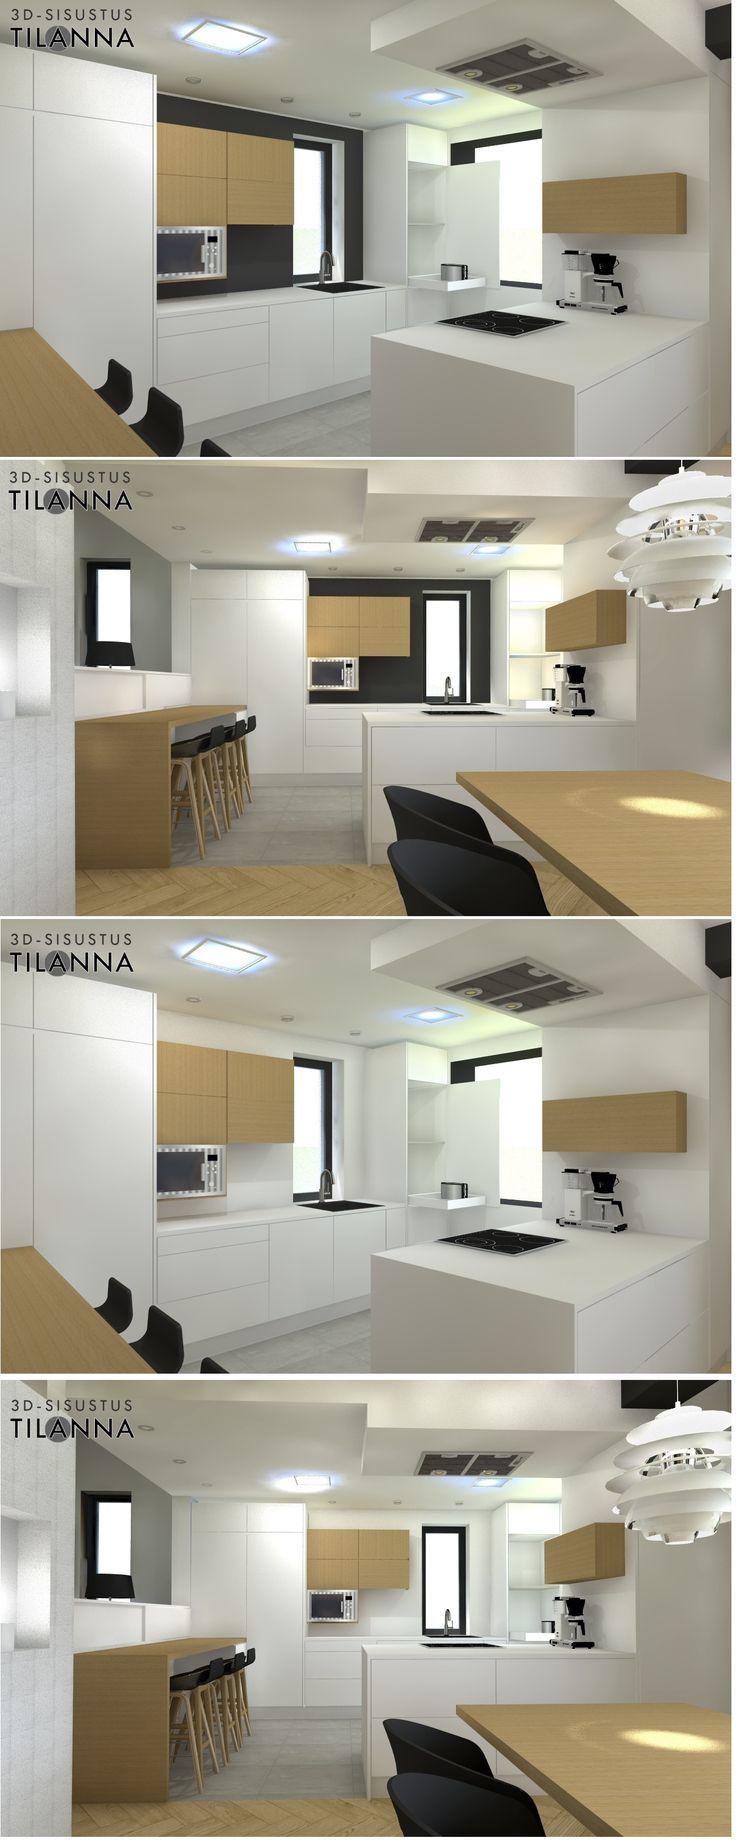 3D-visualisointi ja kokonaisvaltainen sisustussuunnittelu uudisrakennukseen / moderni - skandinaavinen keittiö, valkoinen seinä vs. musta seinä, valkoiset nanopintaiset kiintokalusteet sekä tammea ripaus, valkoinen kvartsitaso, musta taustaseinä, valkoinen taustaseinä, kattoliesituuletin, harmaa laatta 60x60 koossa, kalanruotoparketti, valaisin Ph snowball/ 3D-sisustus Tilanna